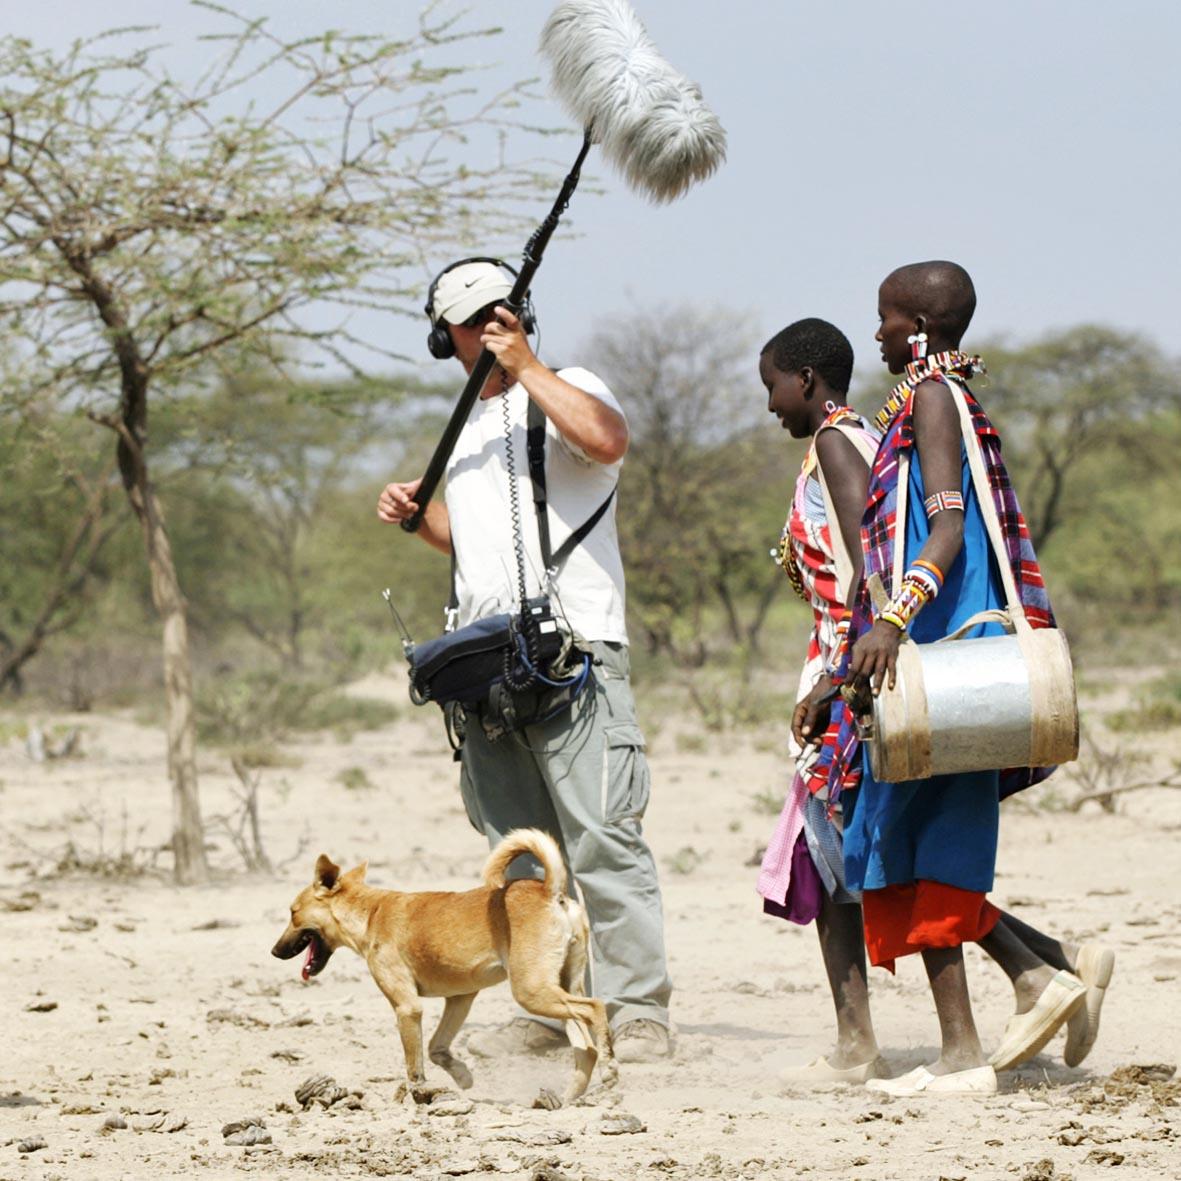 08.07.2005, Narok, Rift Valley, KEN, KENIA - Eine Filmcrew des ARD bei Dreharbeiten zu einer Reportage ueber das Alltagsleben der Masai in der Savanne. Zwei Masai- Frauen tragen Wasserkanister aus Stahl. © Stefan Trappe